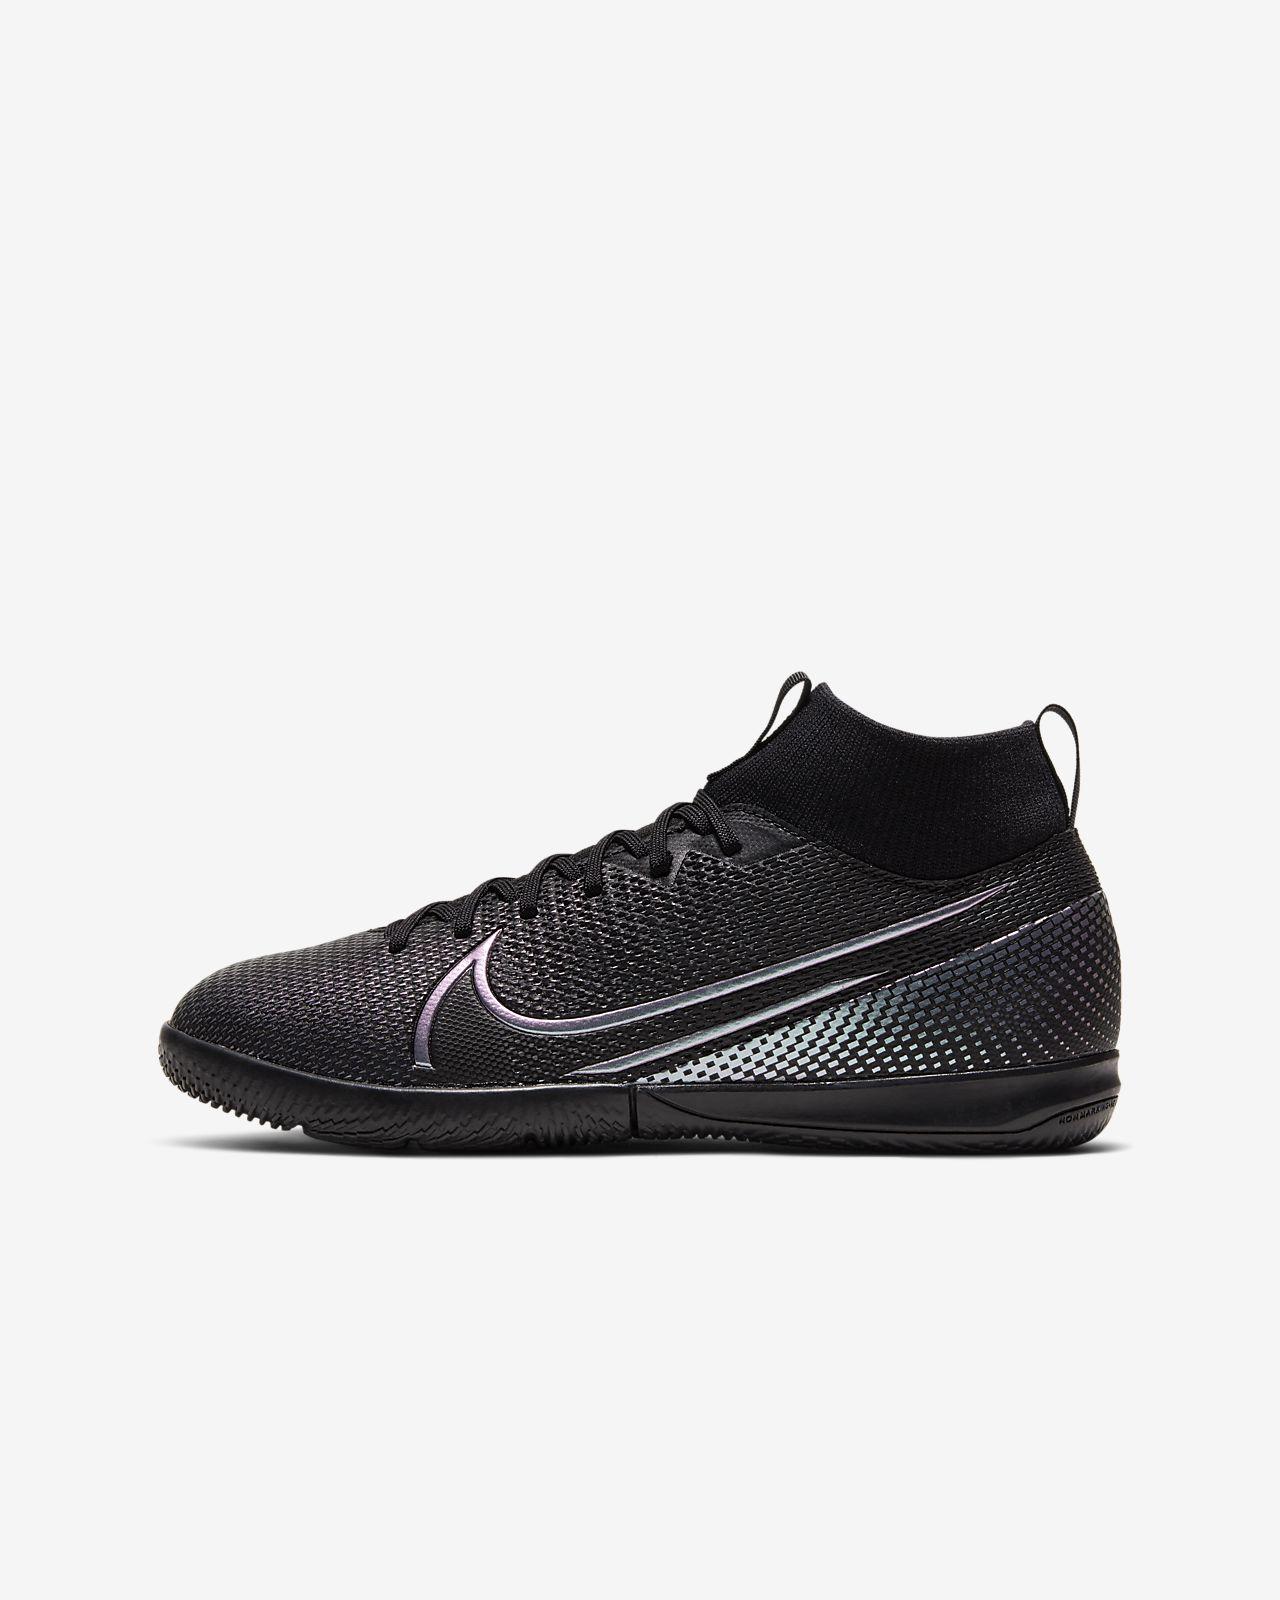 Παιδικό ποδοσφαιρικό παπούτσι για κλειστά γήπεδα Nike Jr. Mercurial Superfly 7 Academy IC